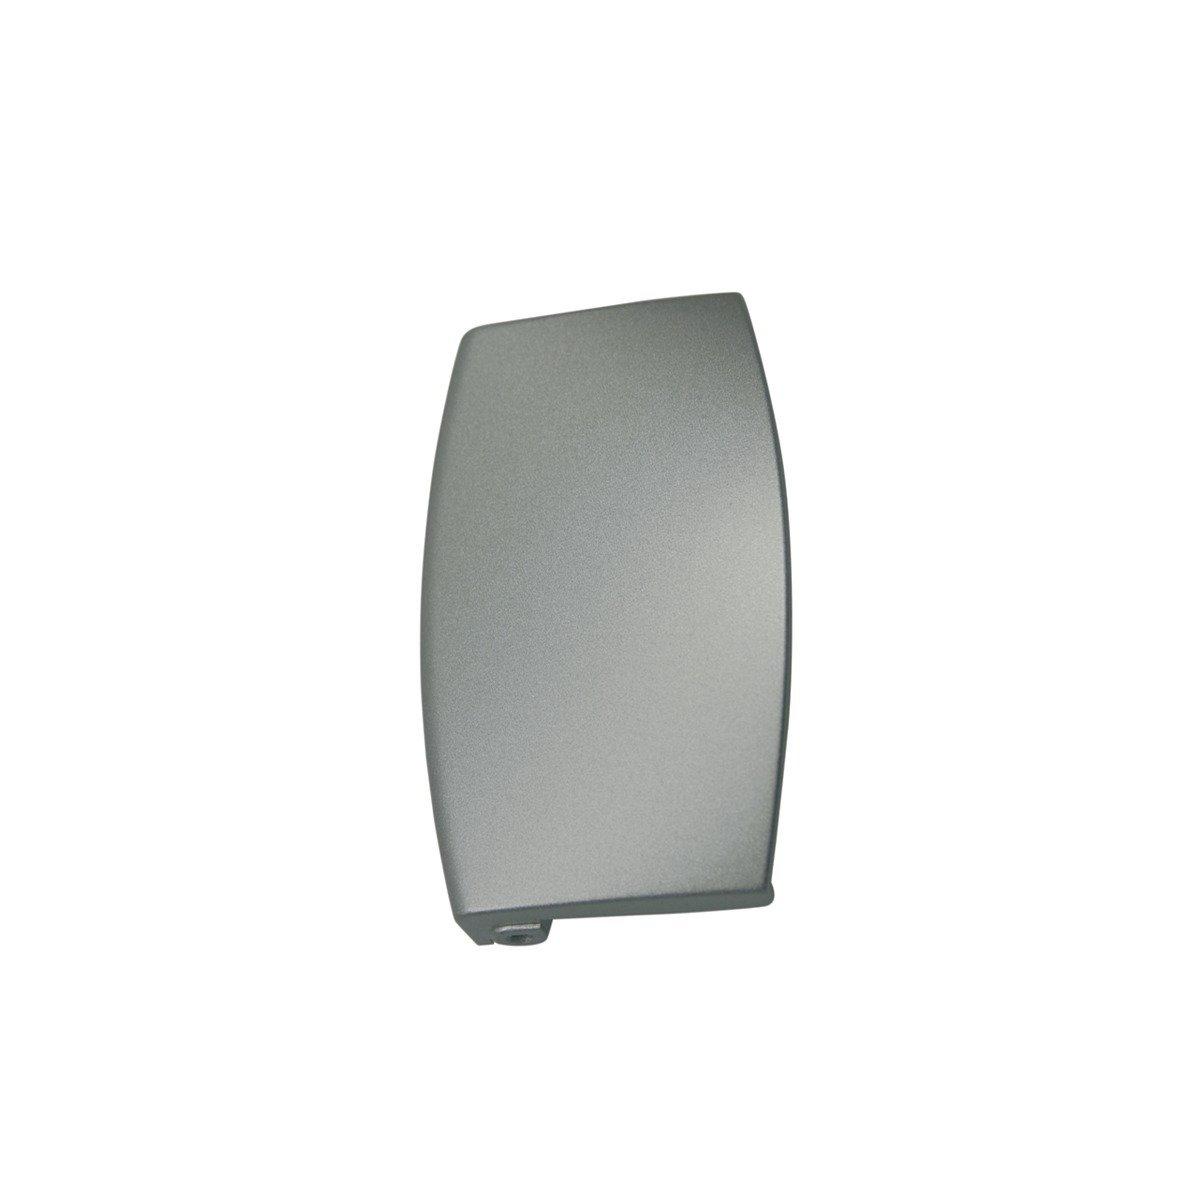 Electrolux - Maneta puerta AEG moderna gris: Amazon.es: Grandes ...